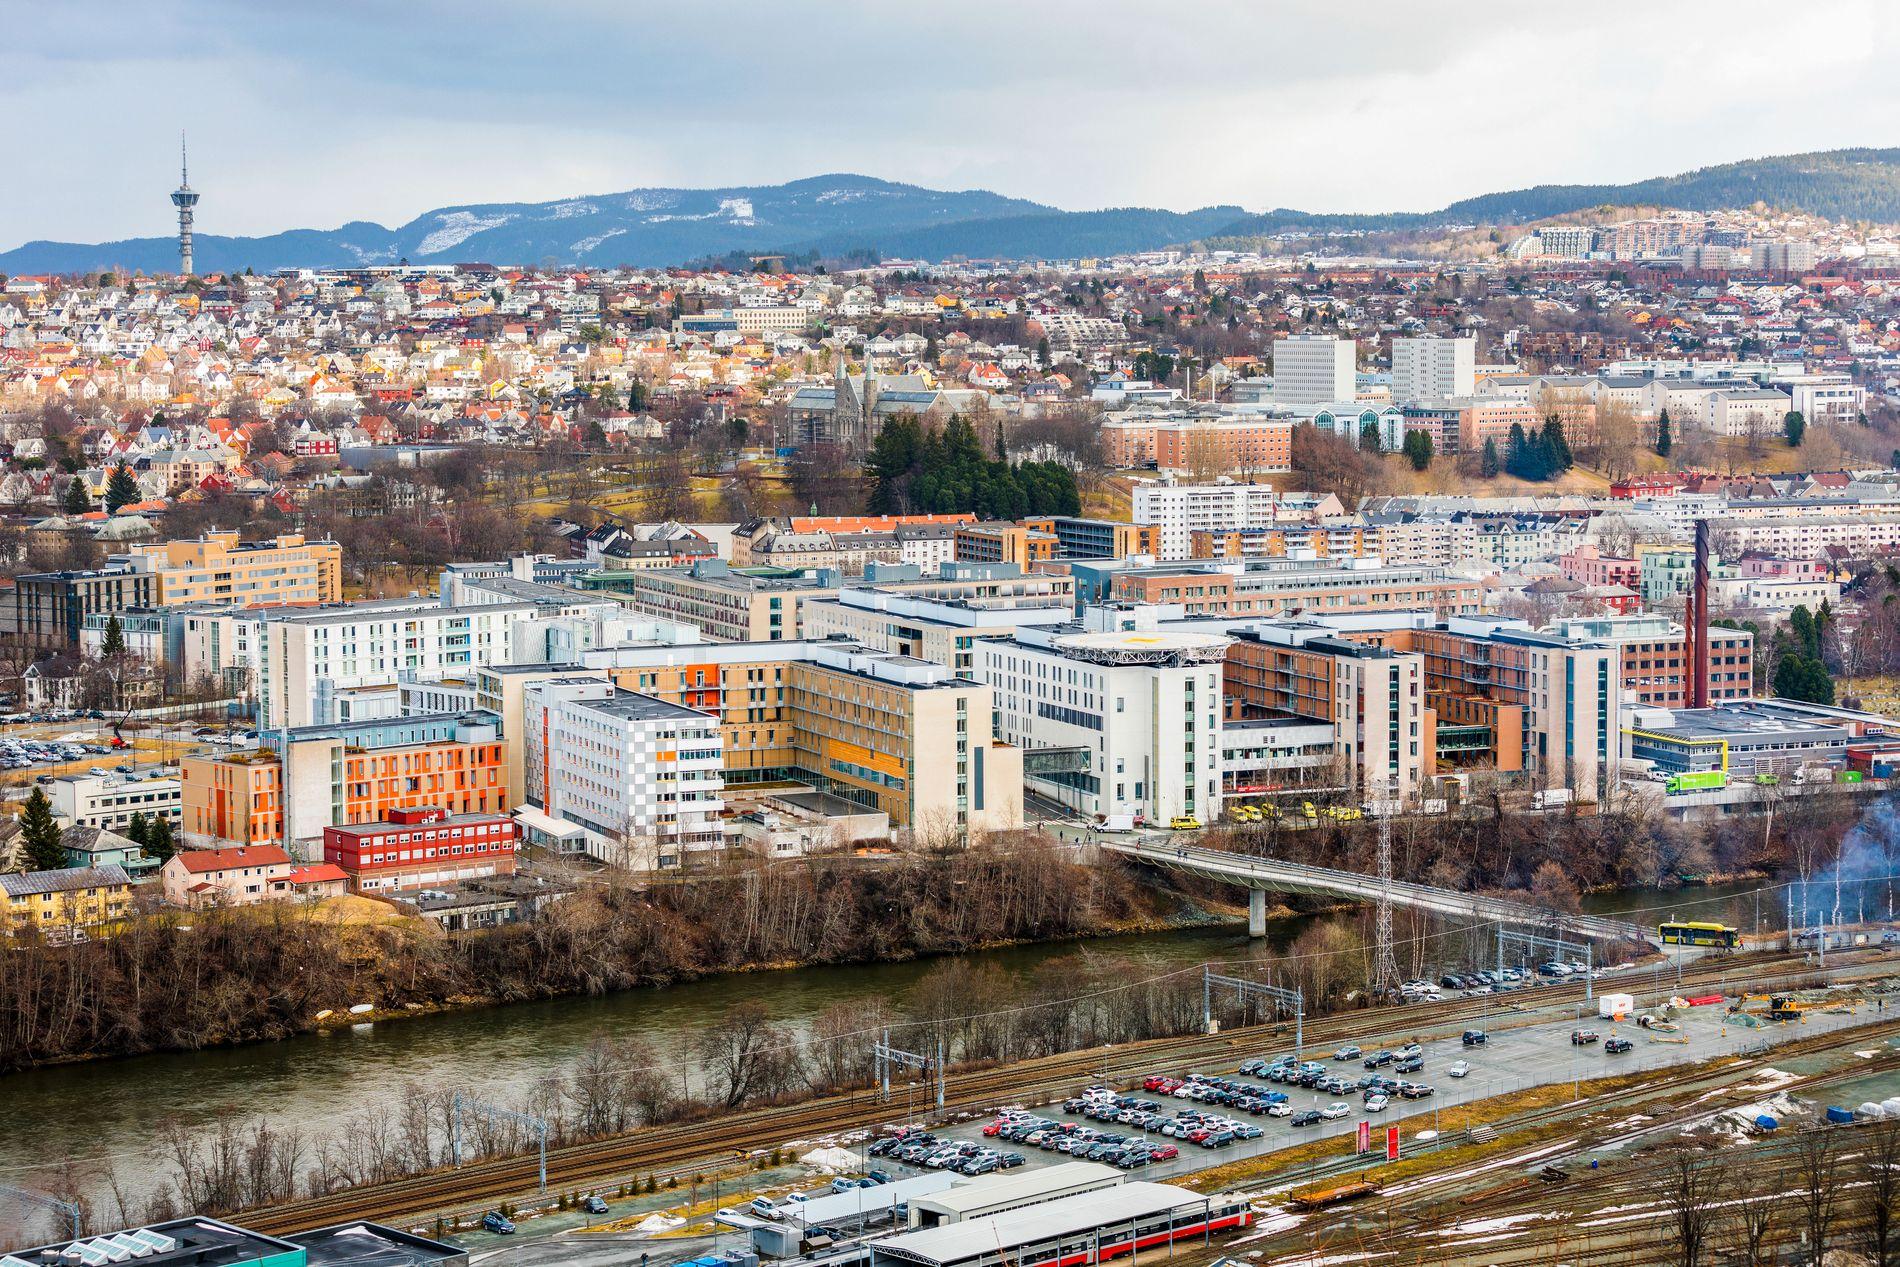 SAVNET EN FOT: Institutt for klinisk og molekylær medisin (IKOM) er samlokalisert med St. Olavs hospital på Øya i Trondheim.